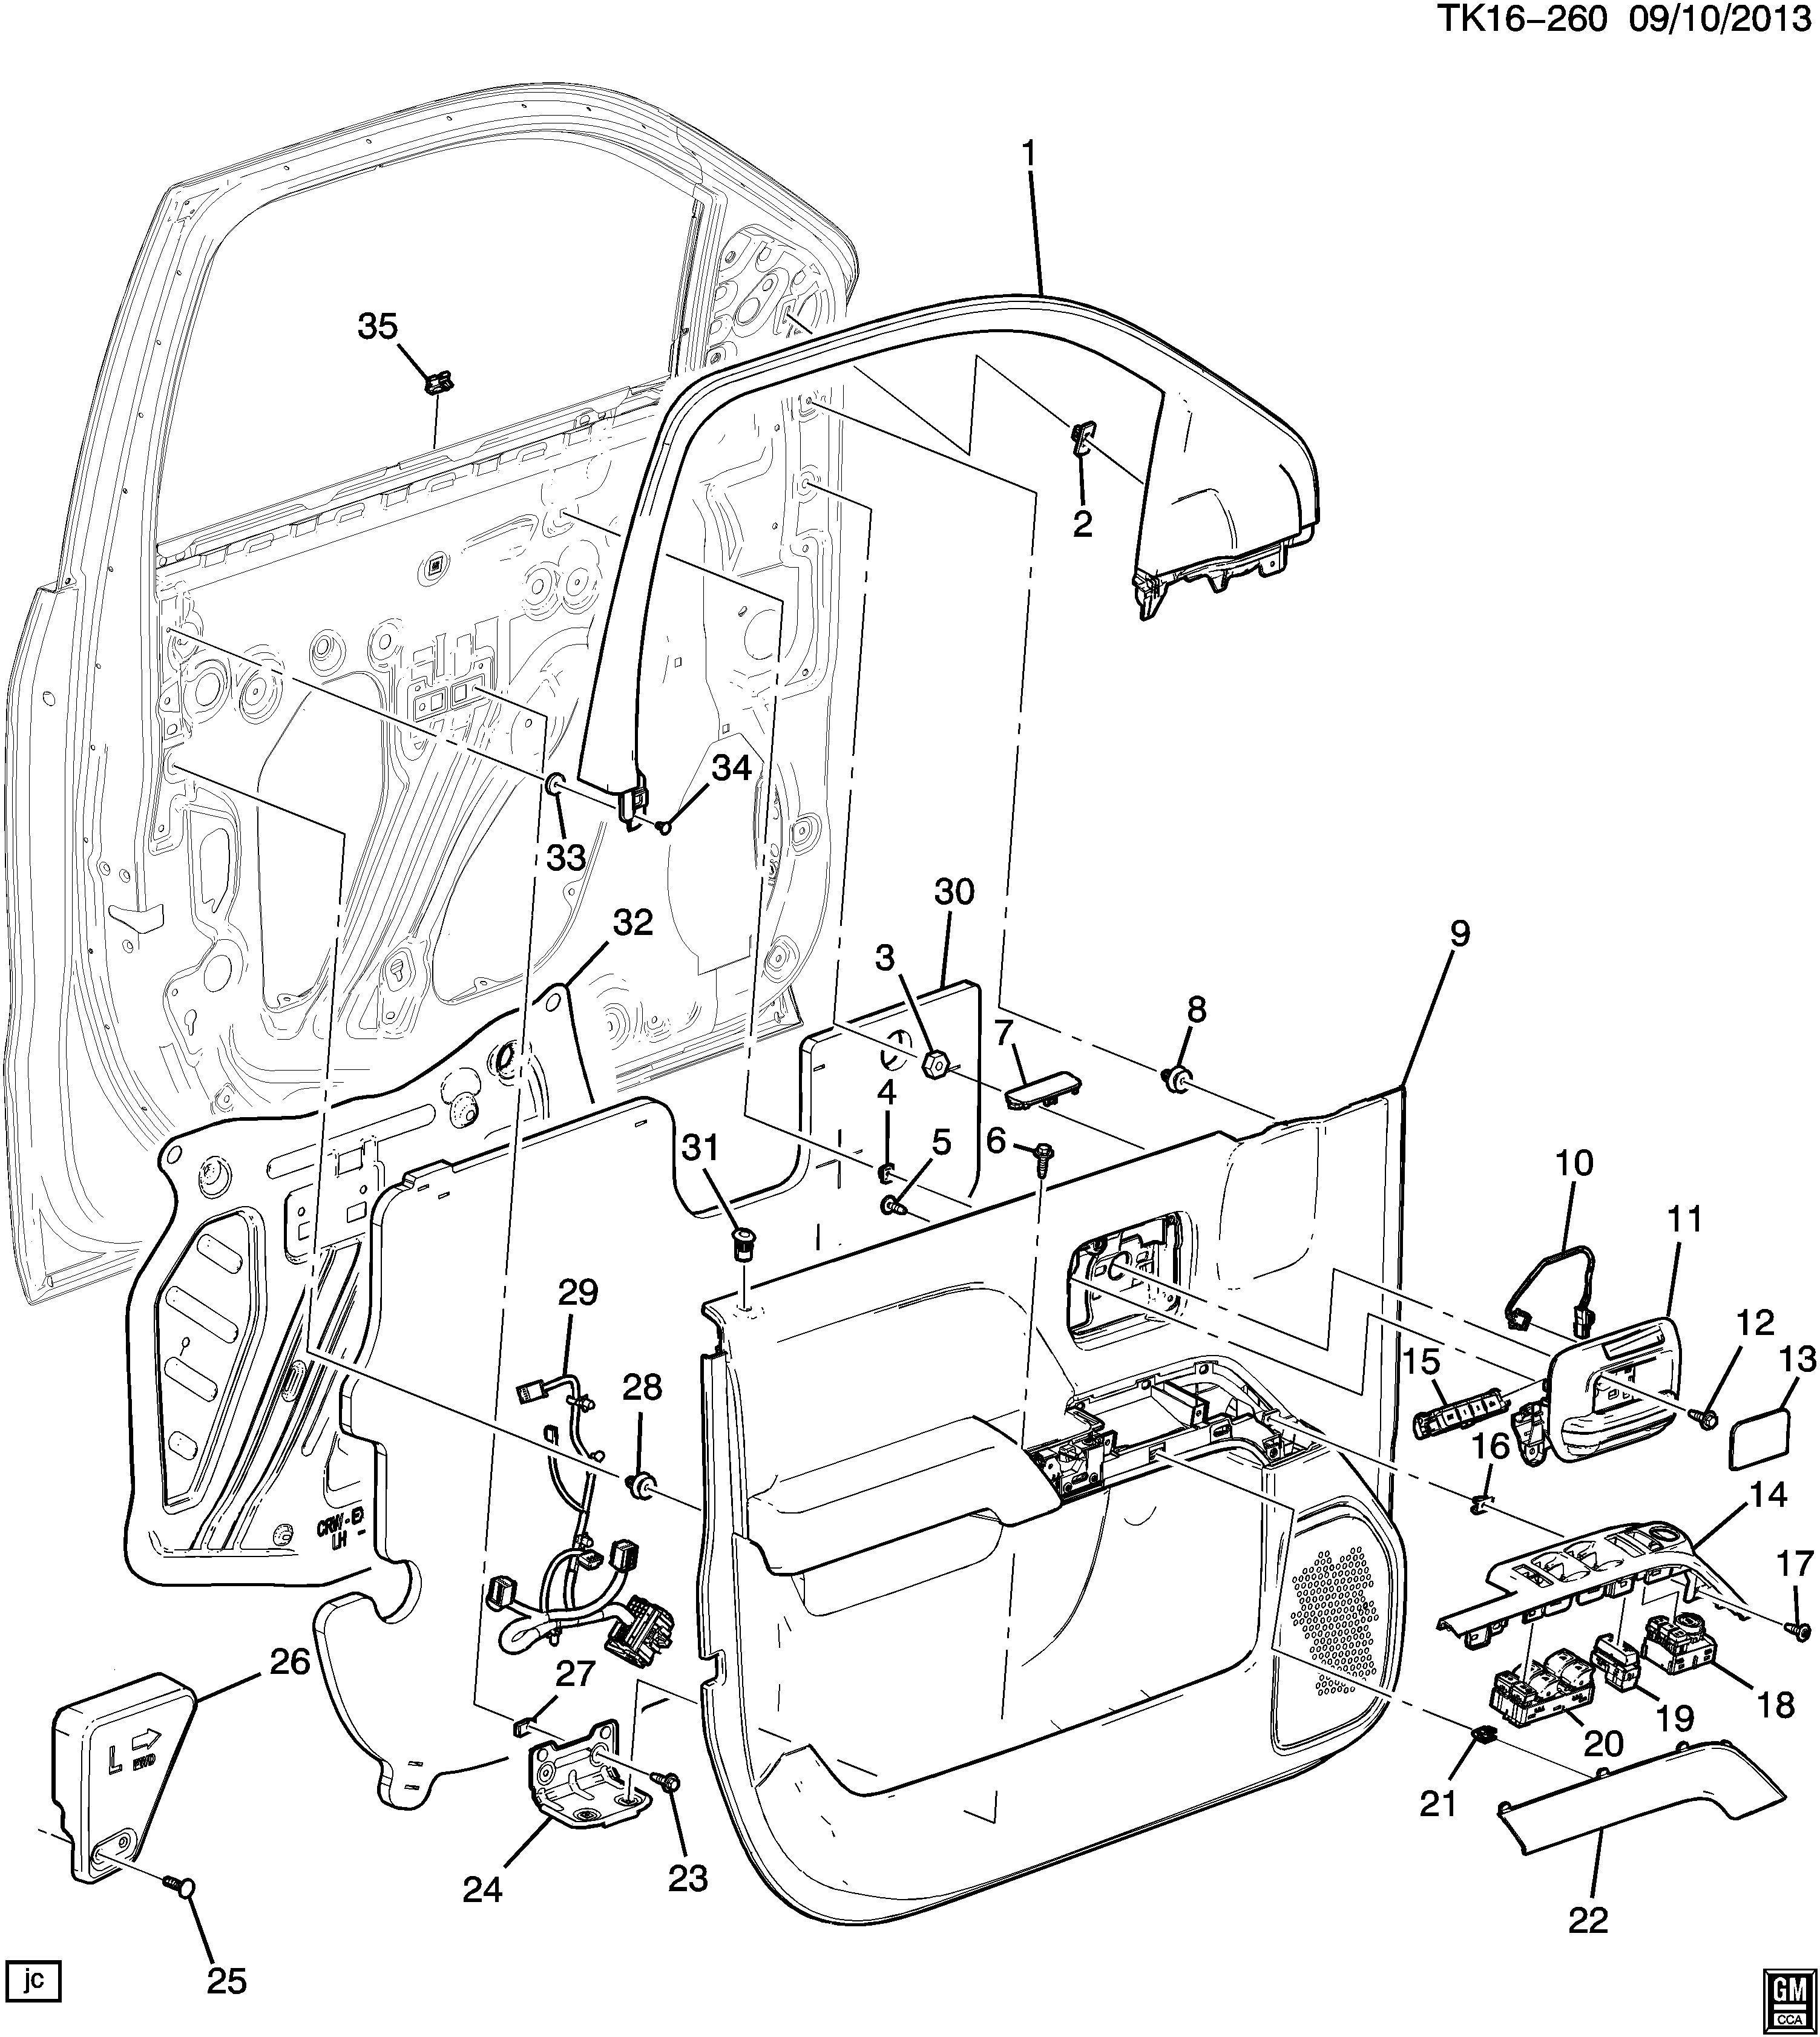 Chevrolet Silverado Trim. Armrest. Trim, frt s/d a/rst cvr